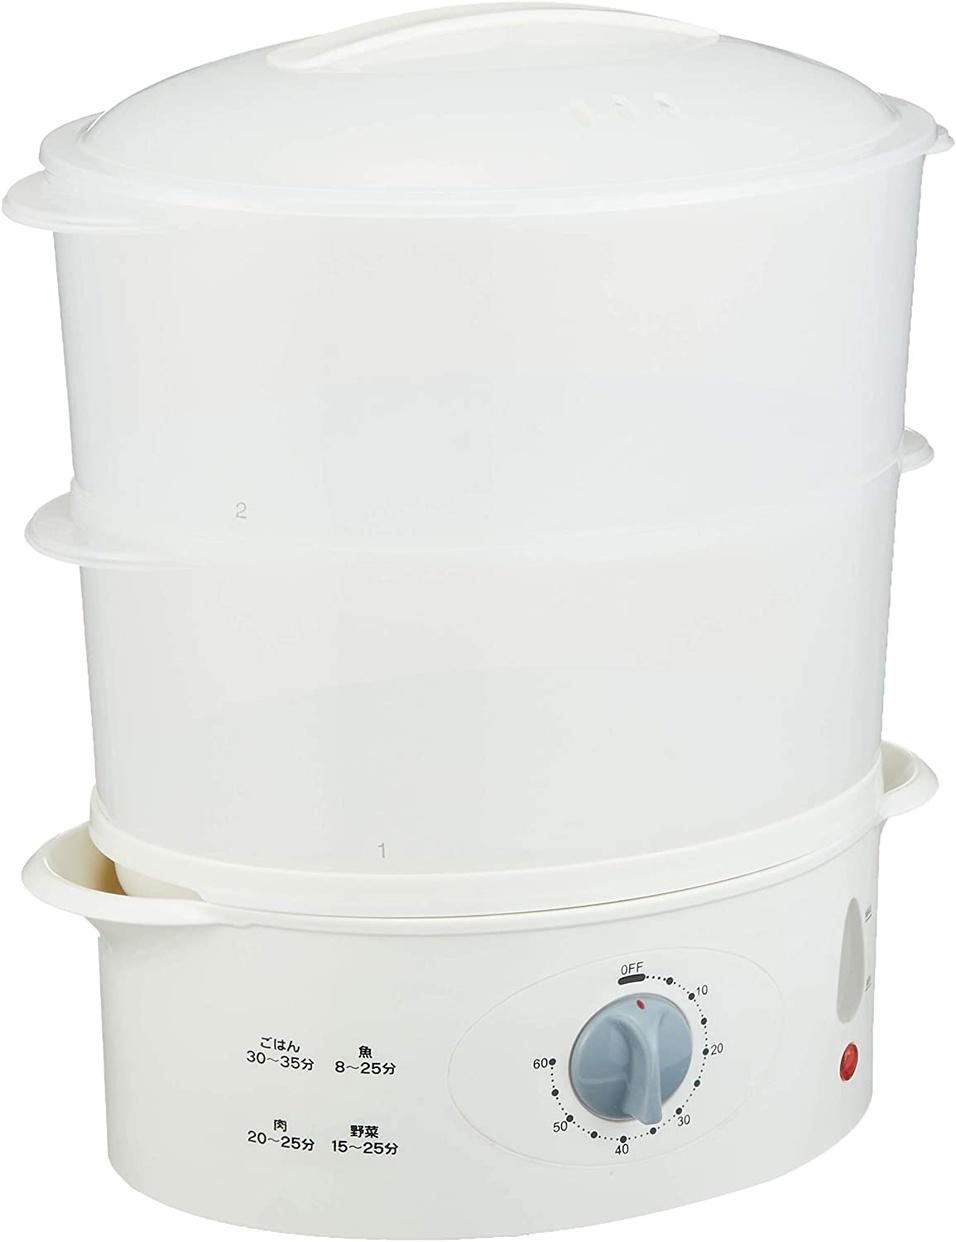 三ツ谷電機 電気蒸し器 蒸し一番 MST-750の商品画像